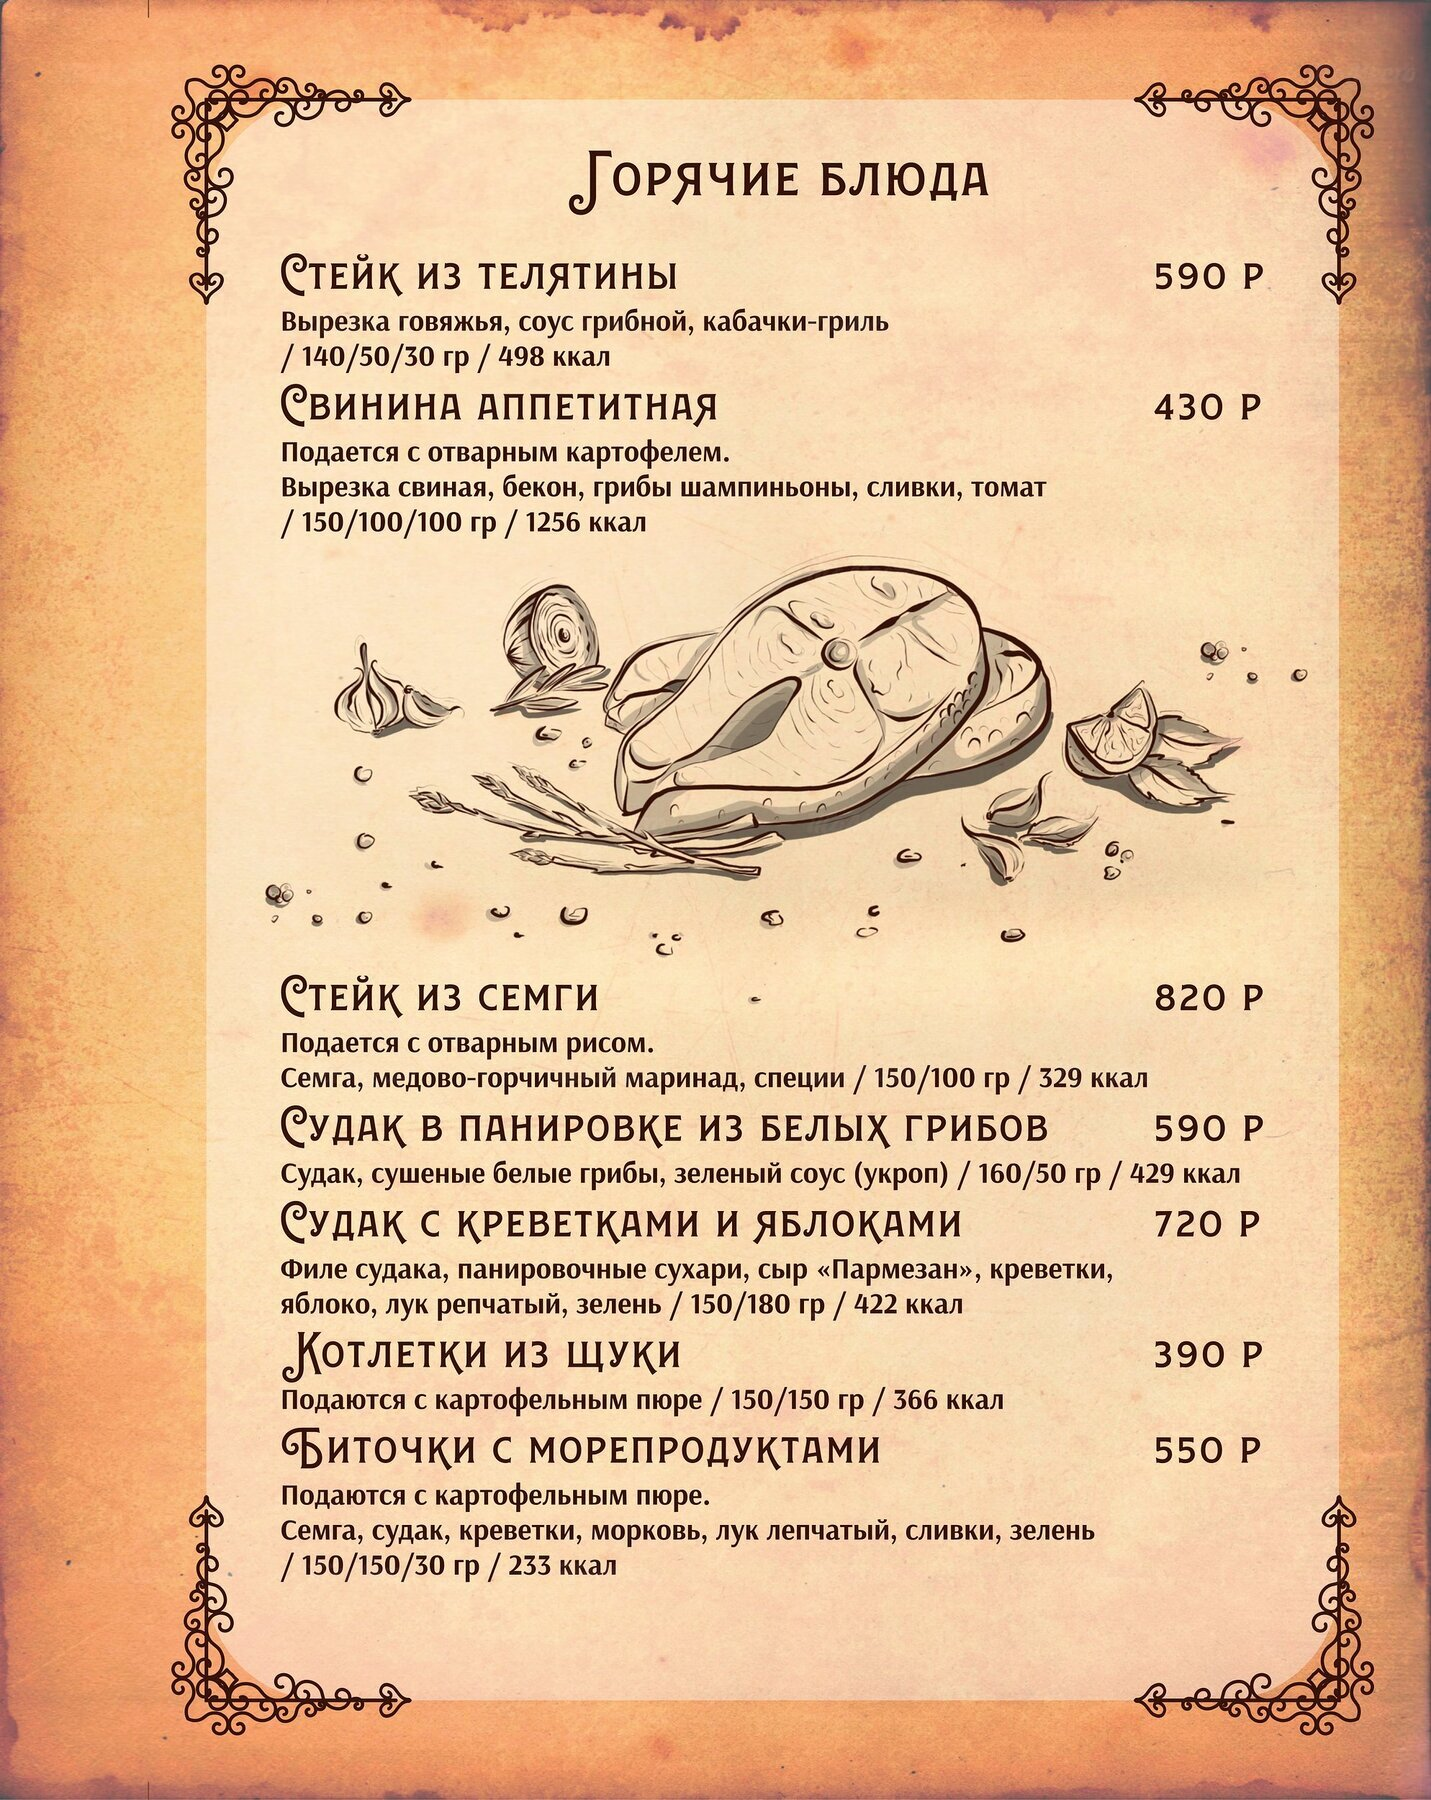 Меню кафе Грильяж на Октябрьской улице фото 9